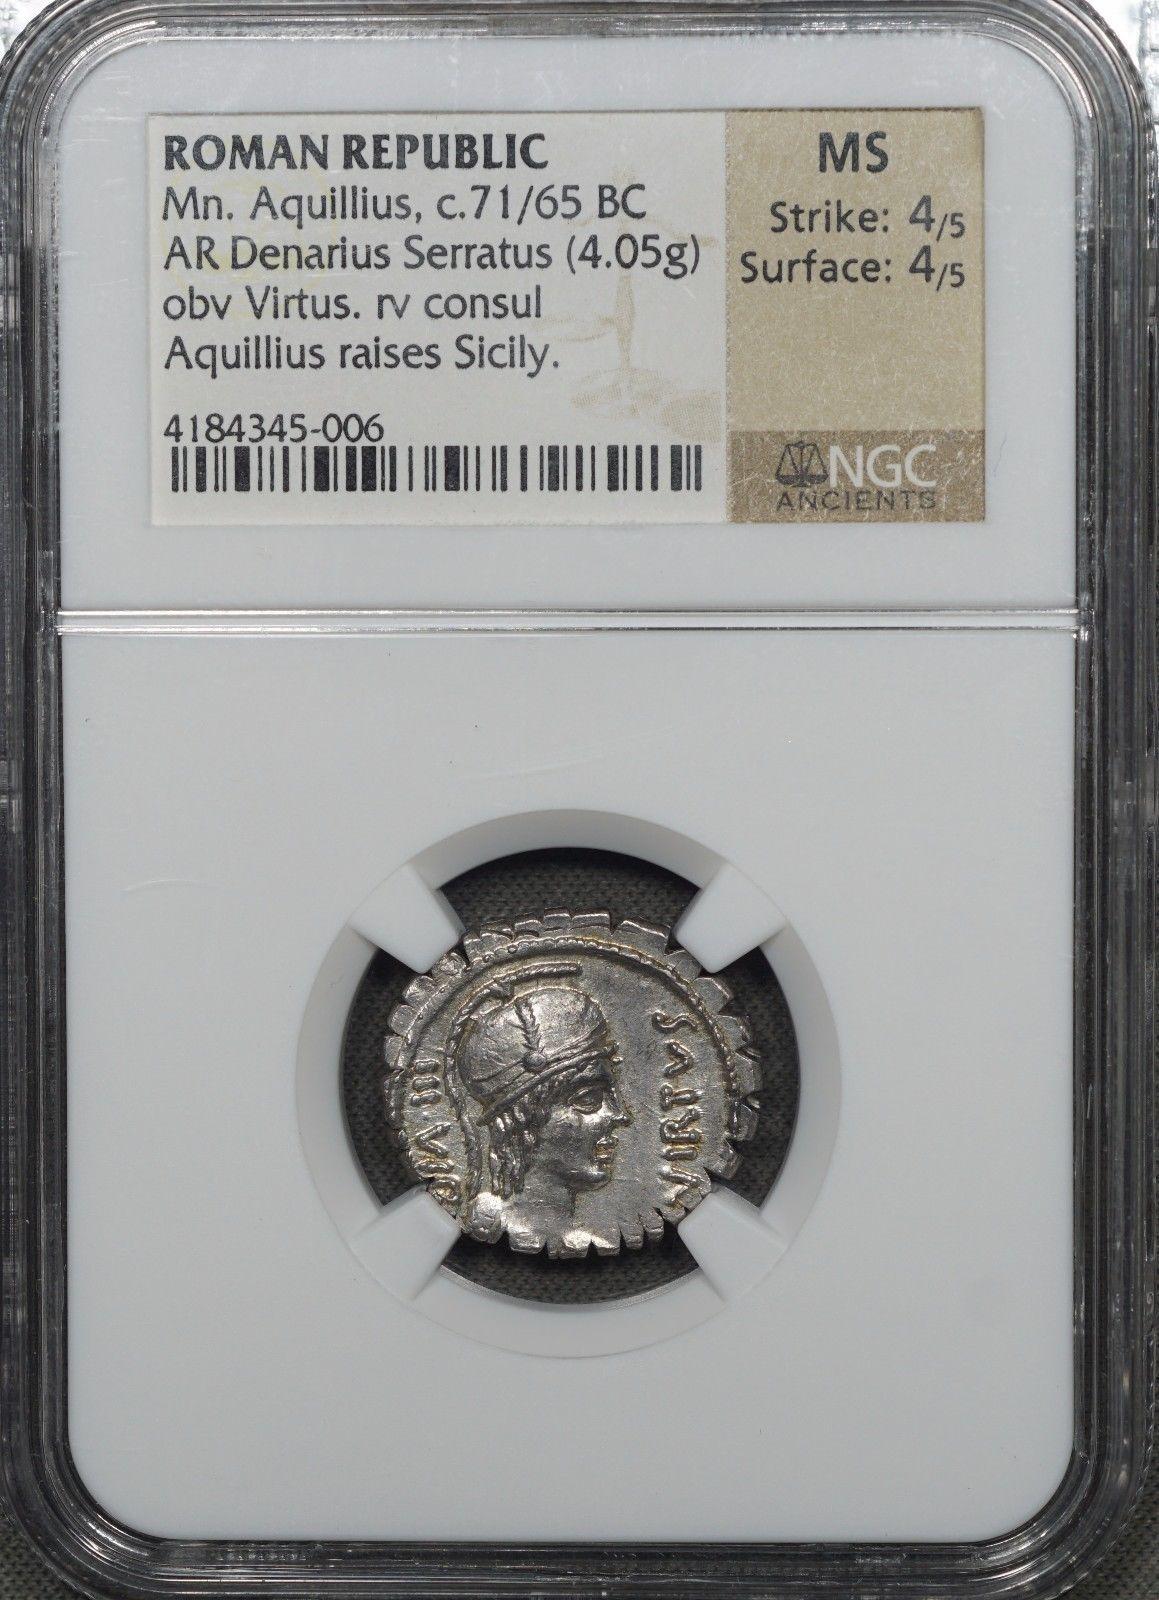 Item specifics grade ms denomination denarius certification item specifics grade ms denomination denarius certification ngc roman 1betcityfo Images